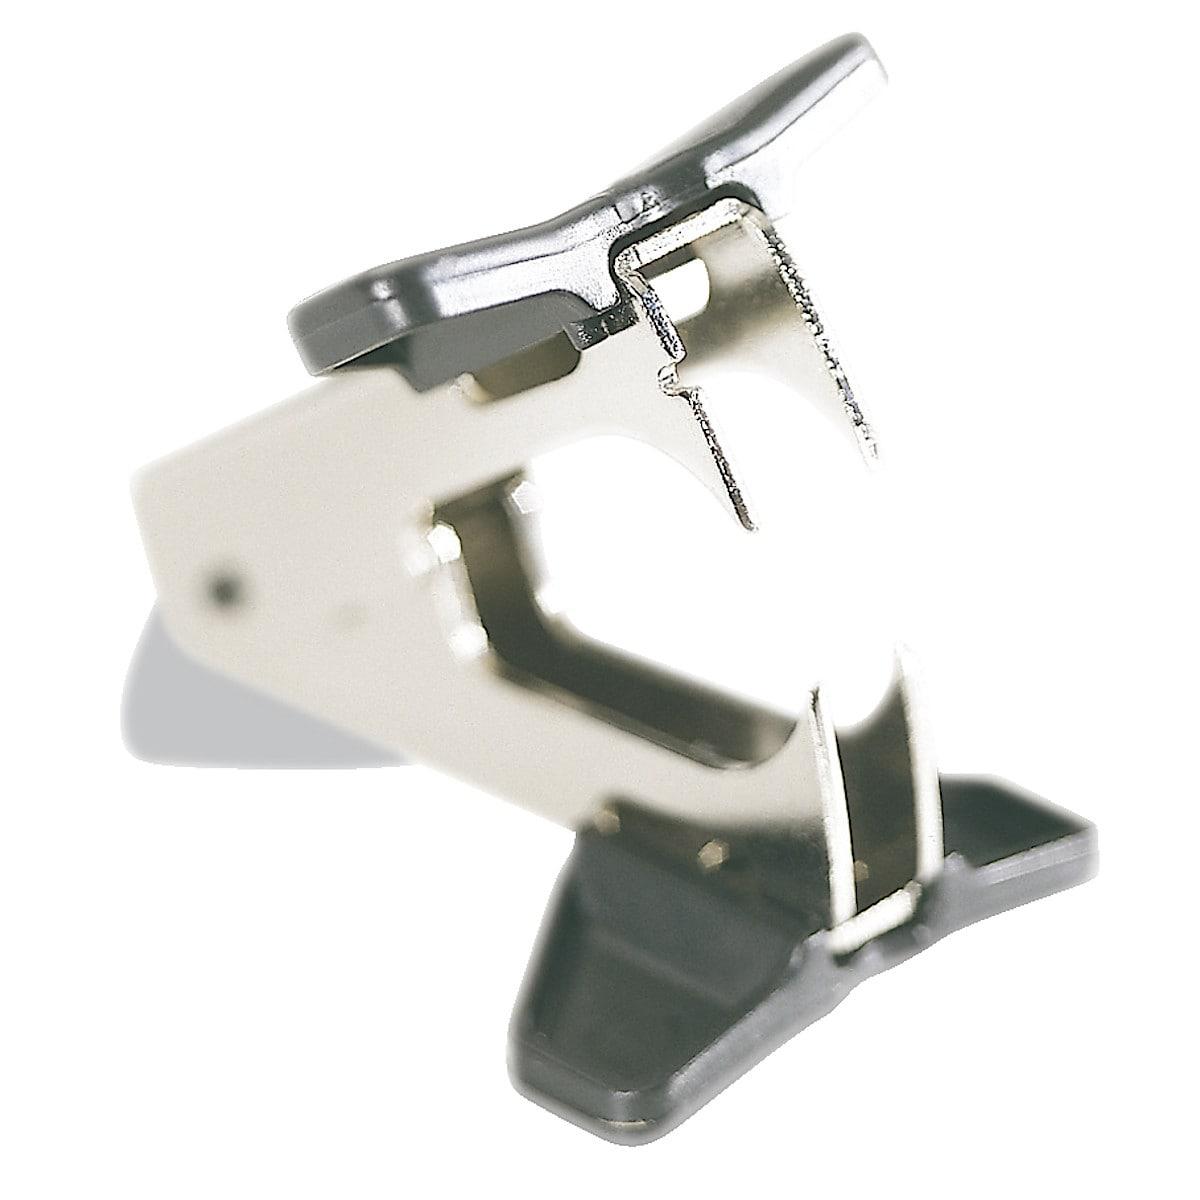 Häftklammerborttagare Rapid Classic C1